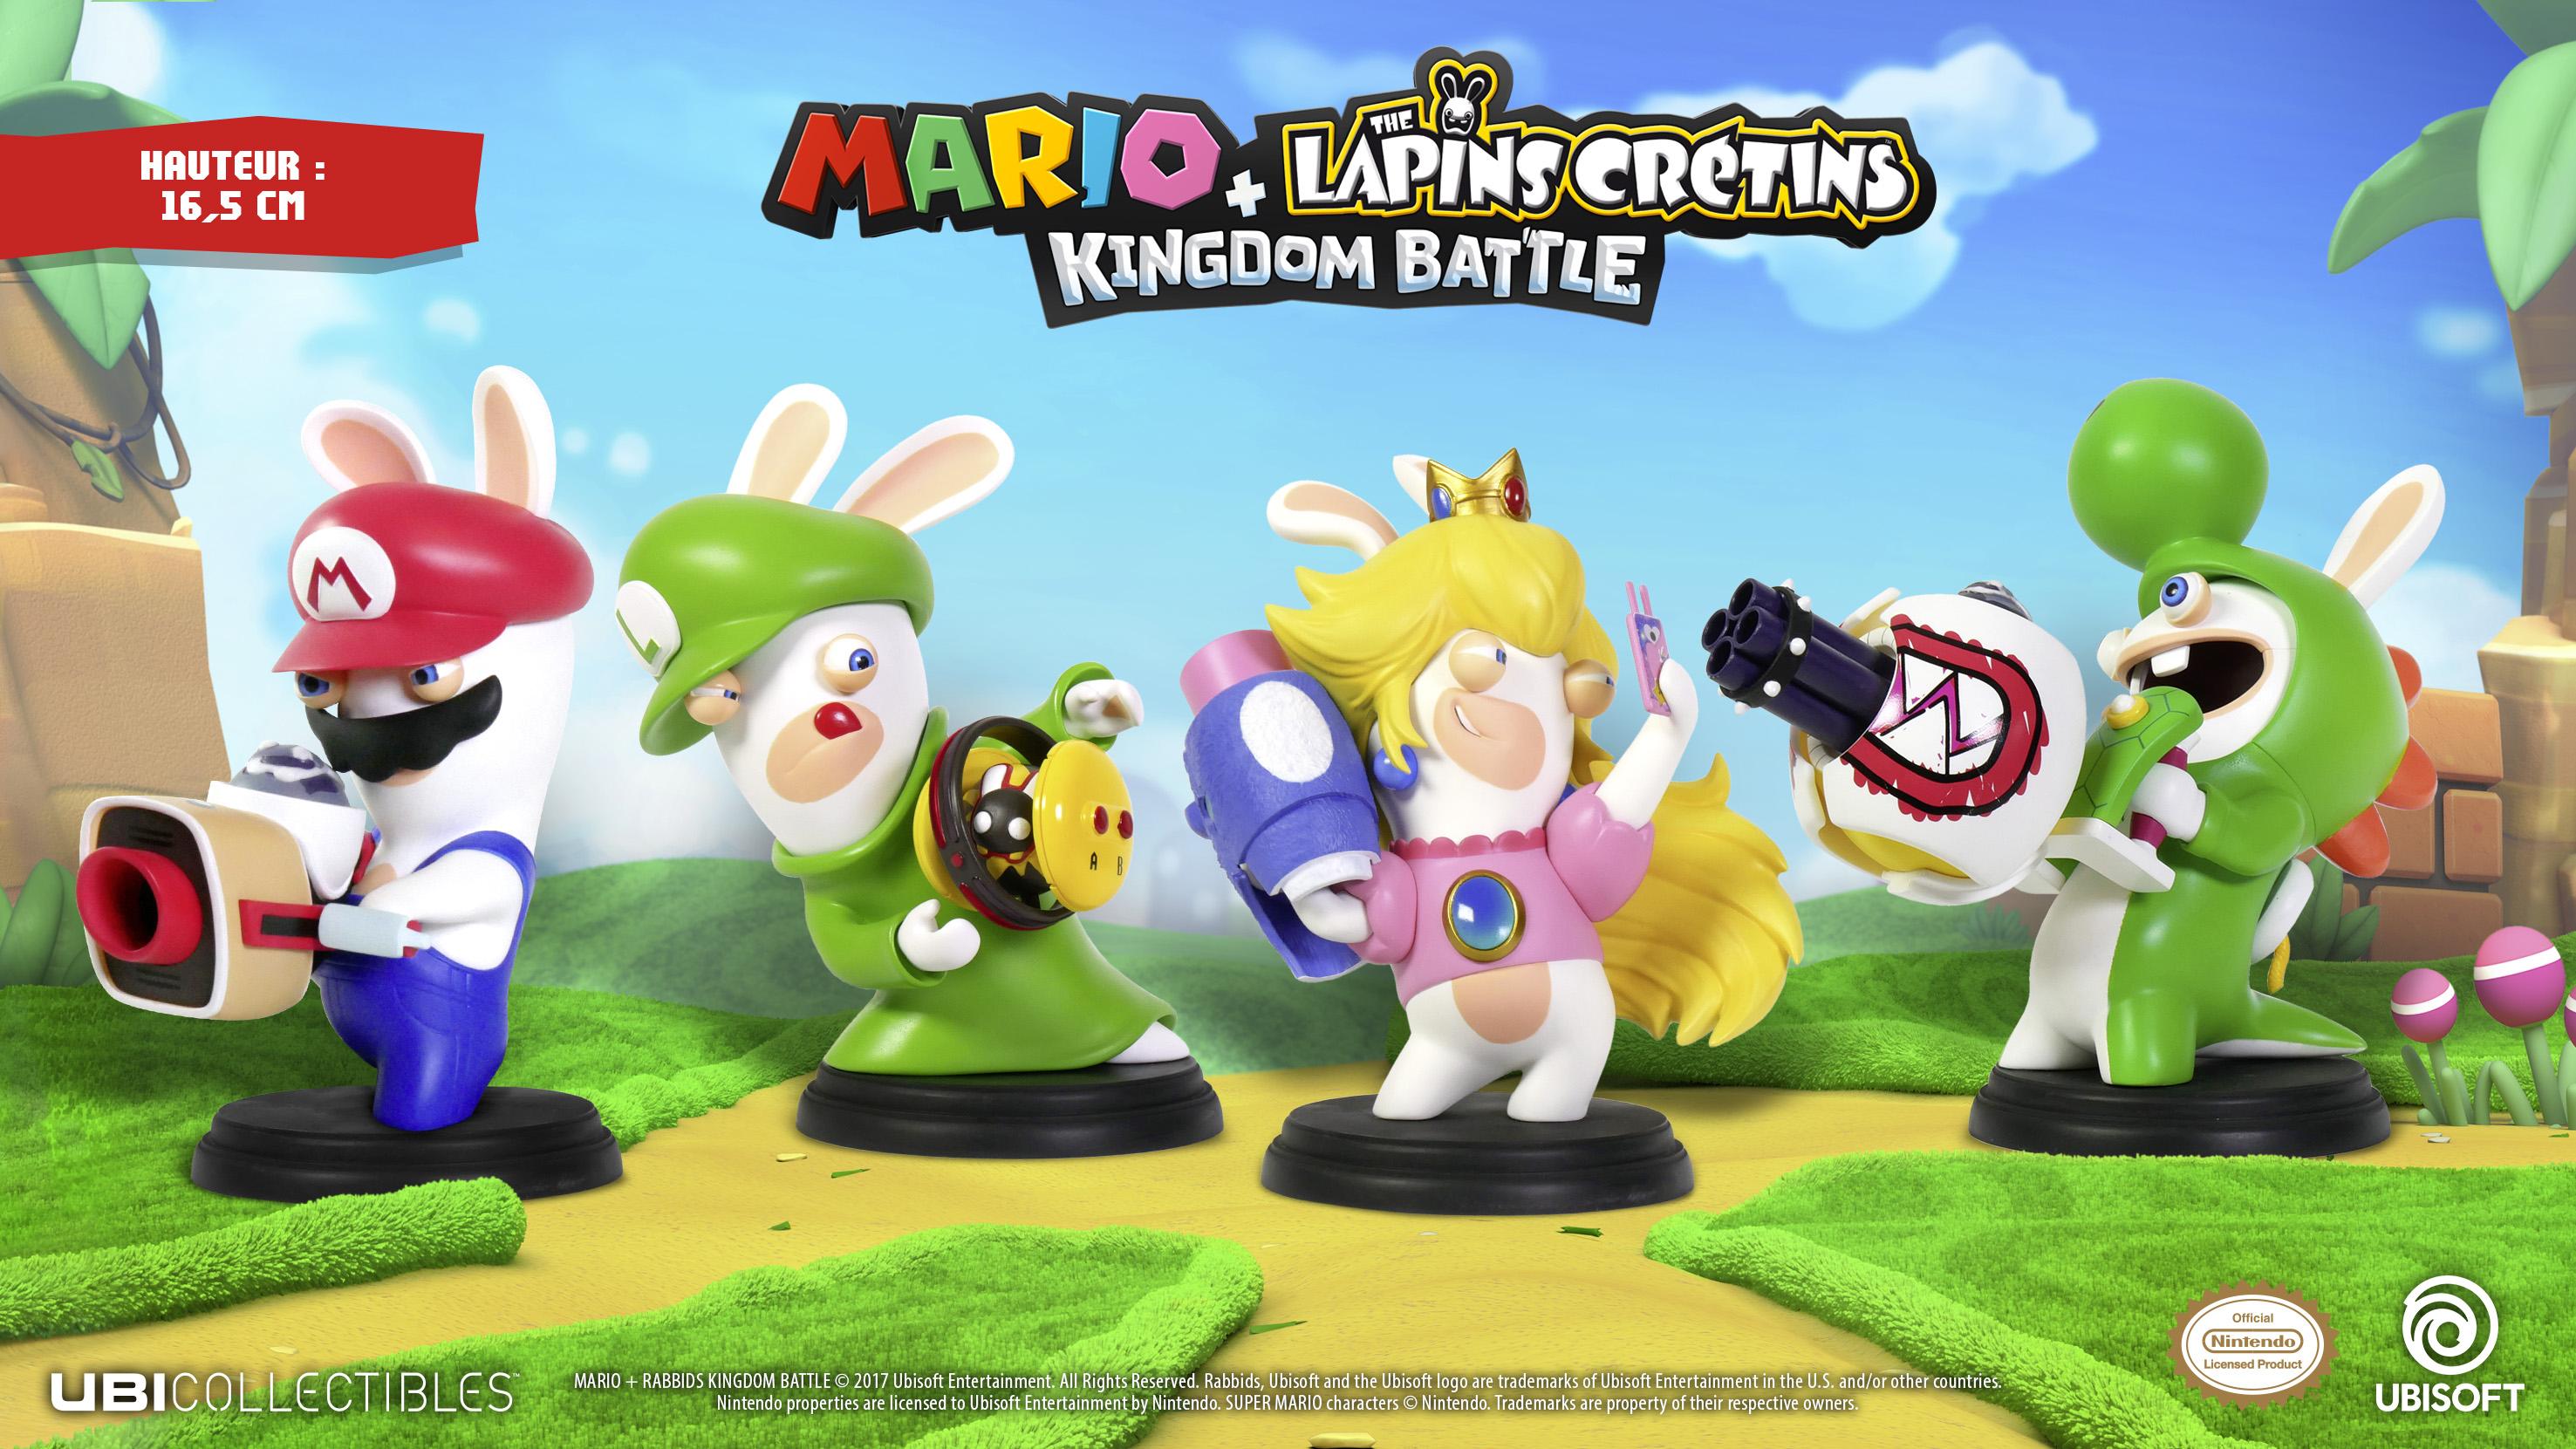 Selection de figurines Mario + The Lapins Crétins Kingdom Battle - 16,5cm